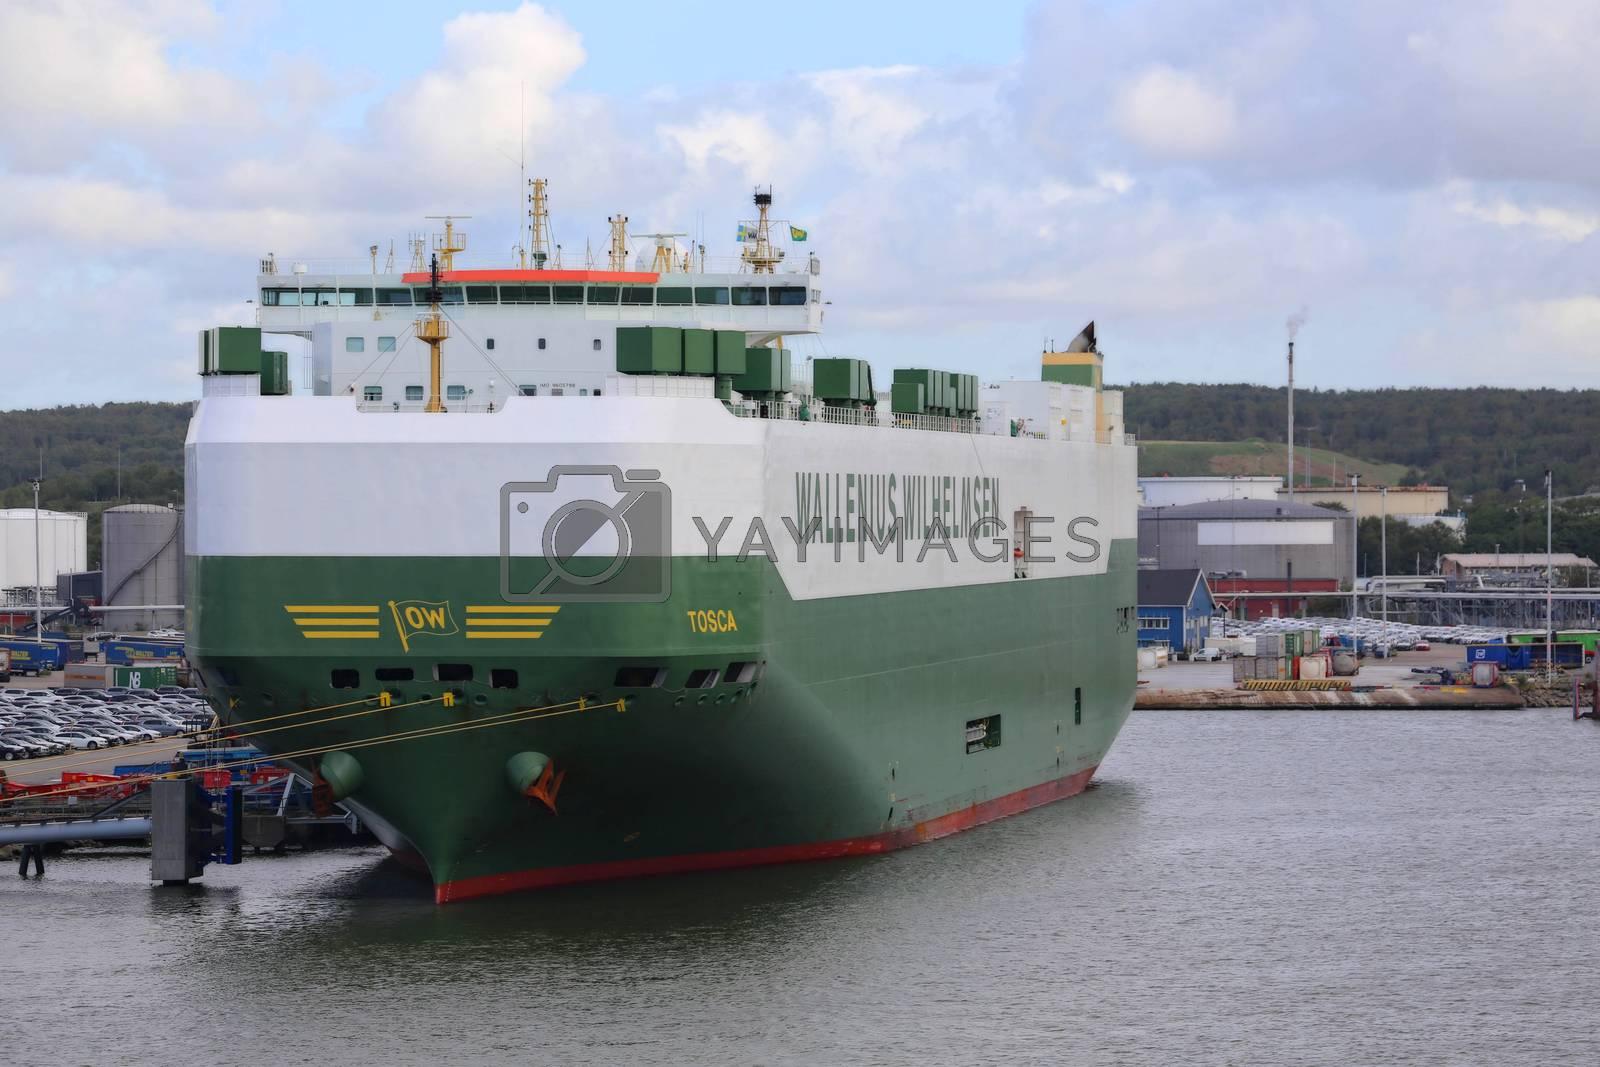 Bilskip ved kai i Gøteborg havn,trafikk,kommunikasjon,Traffic, communication